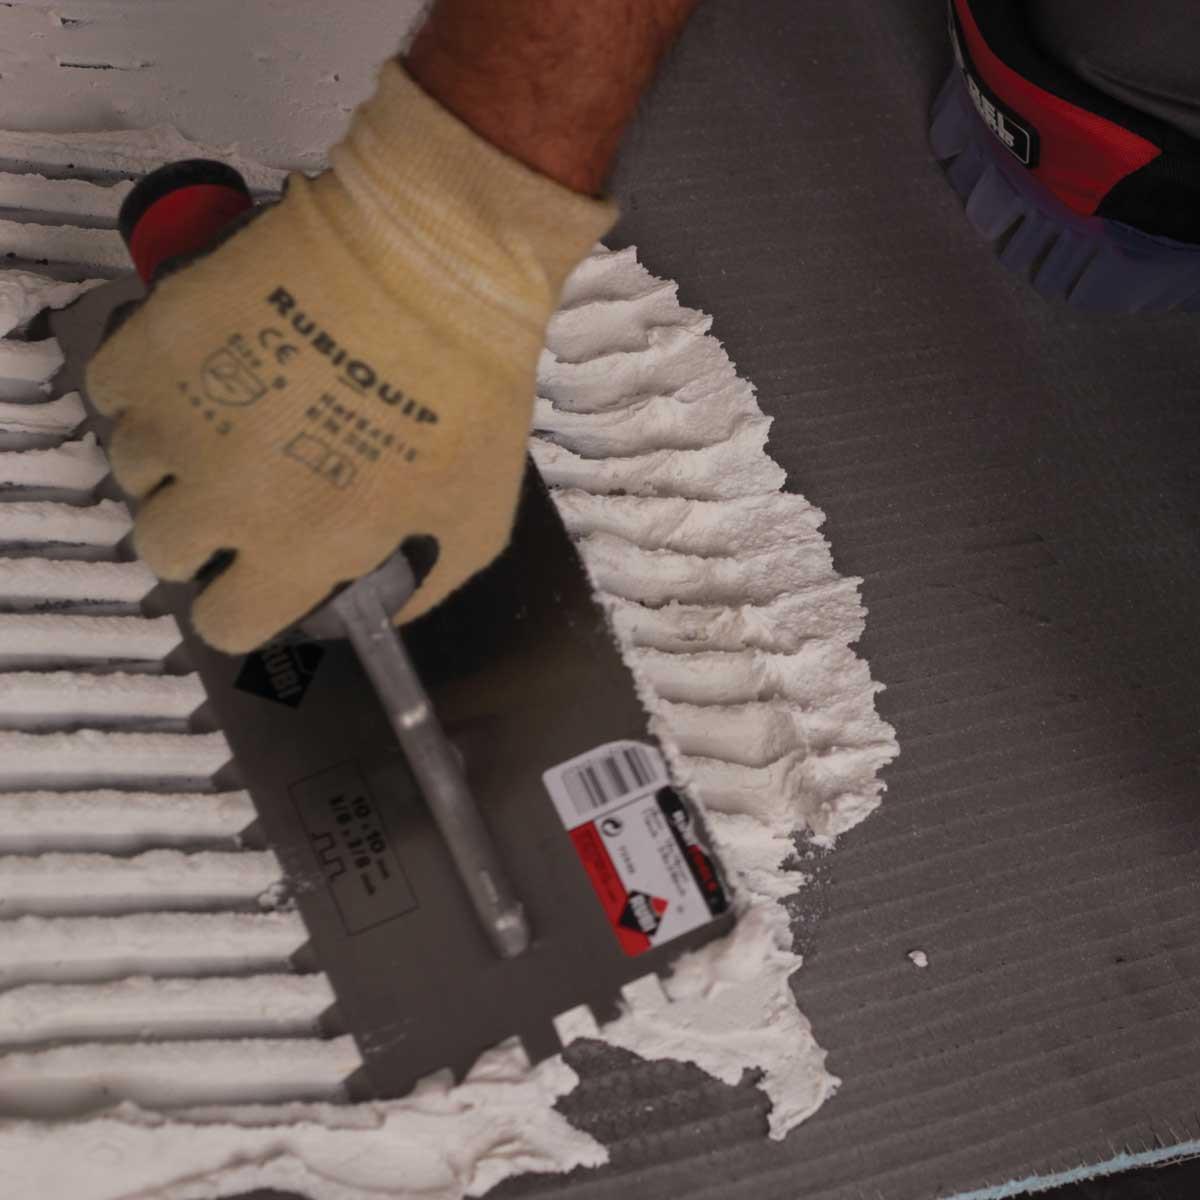 Rubi Notched Trowels ceramic tile